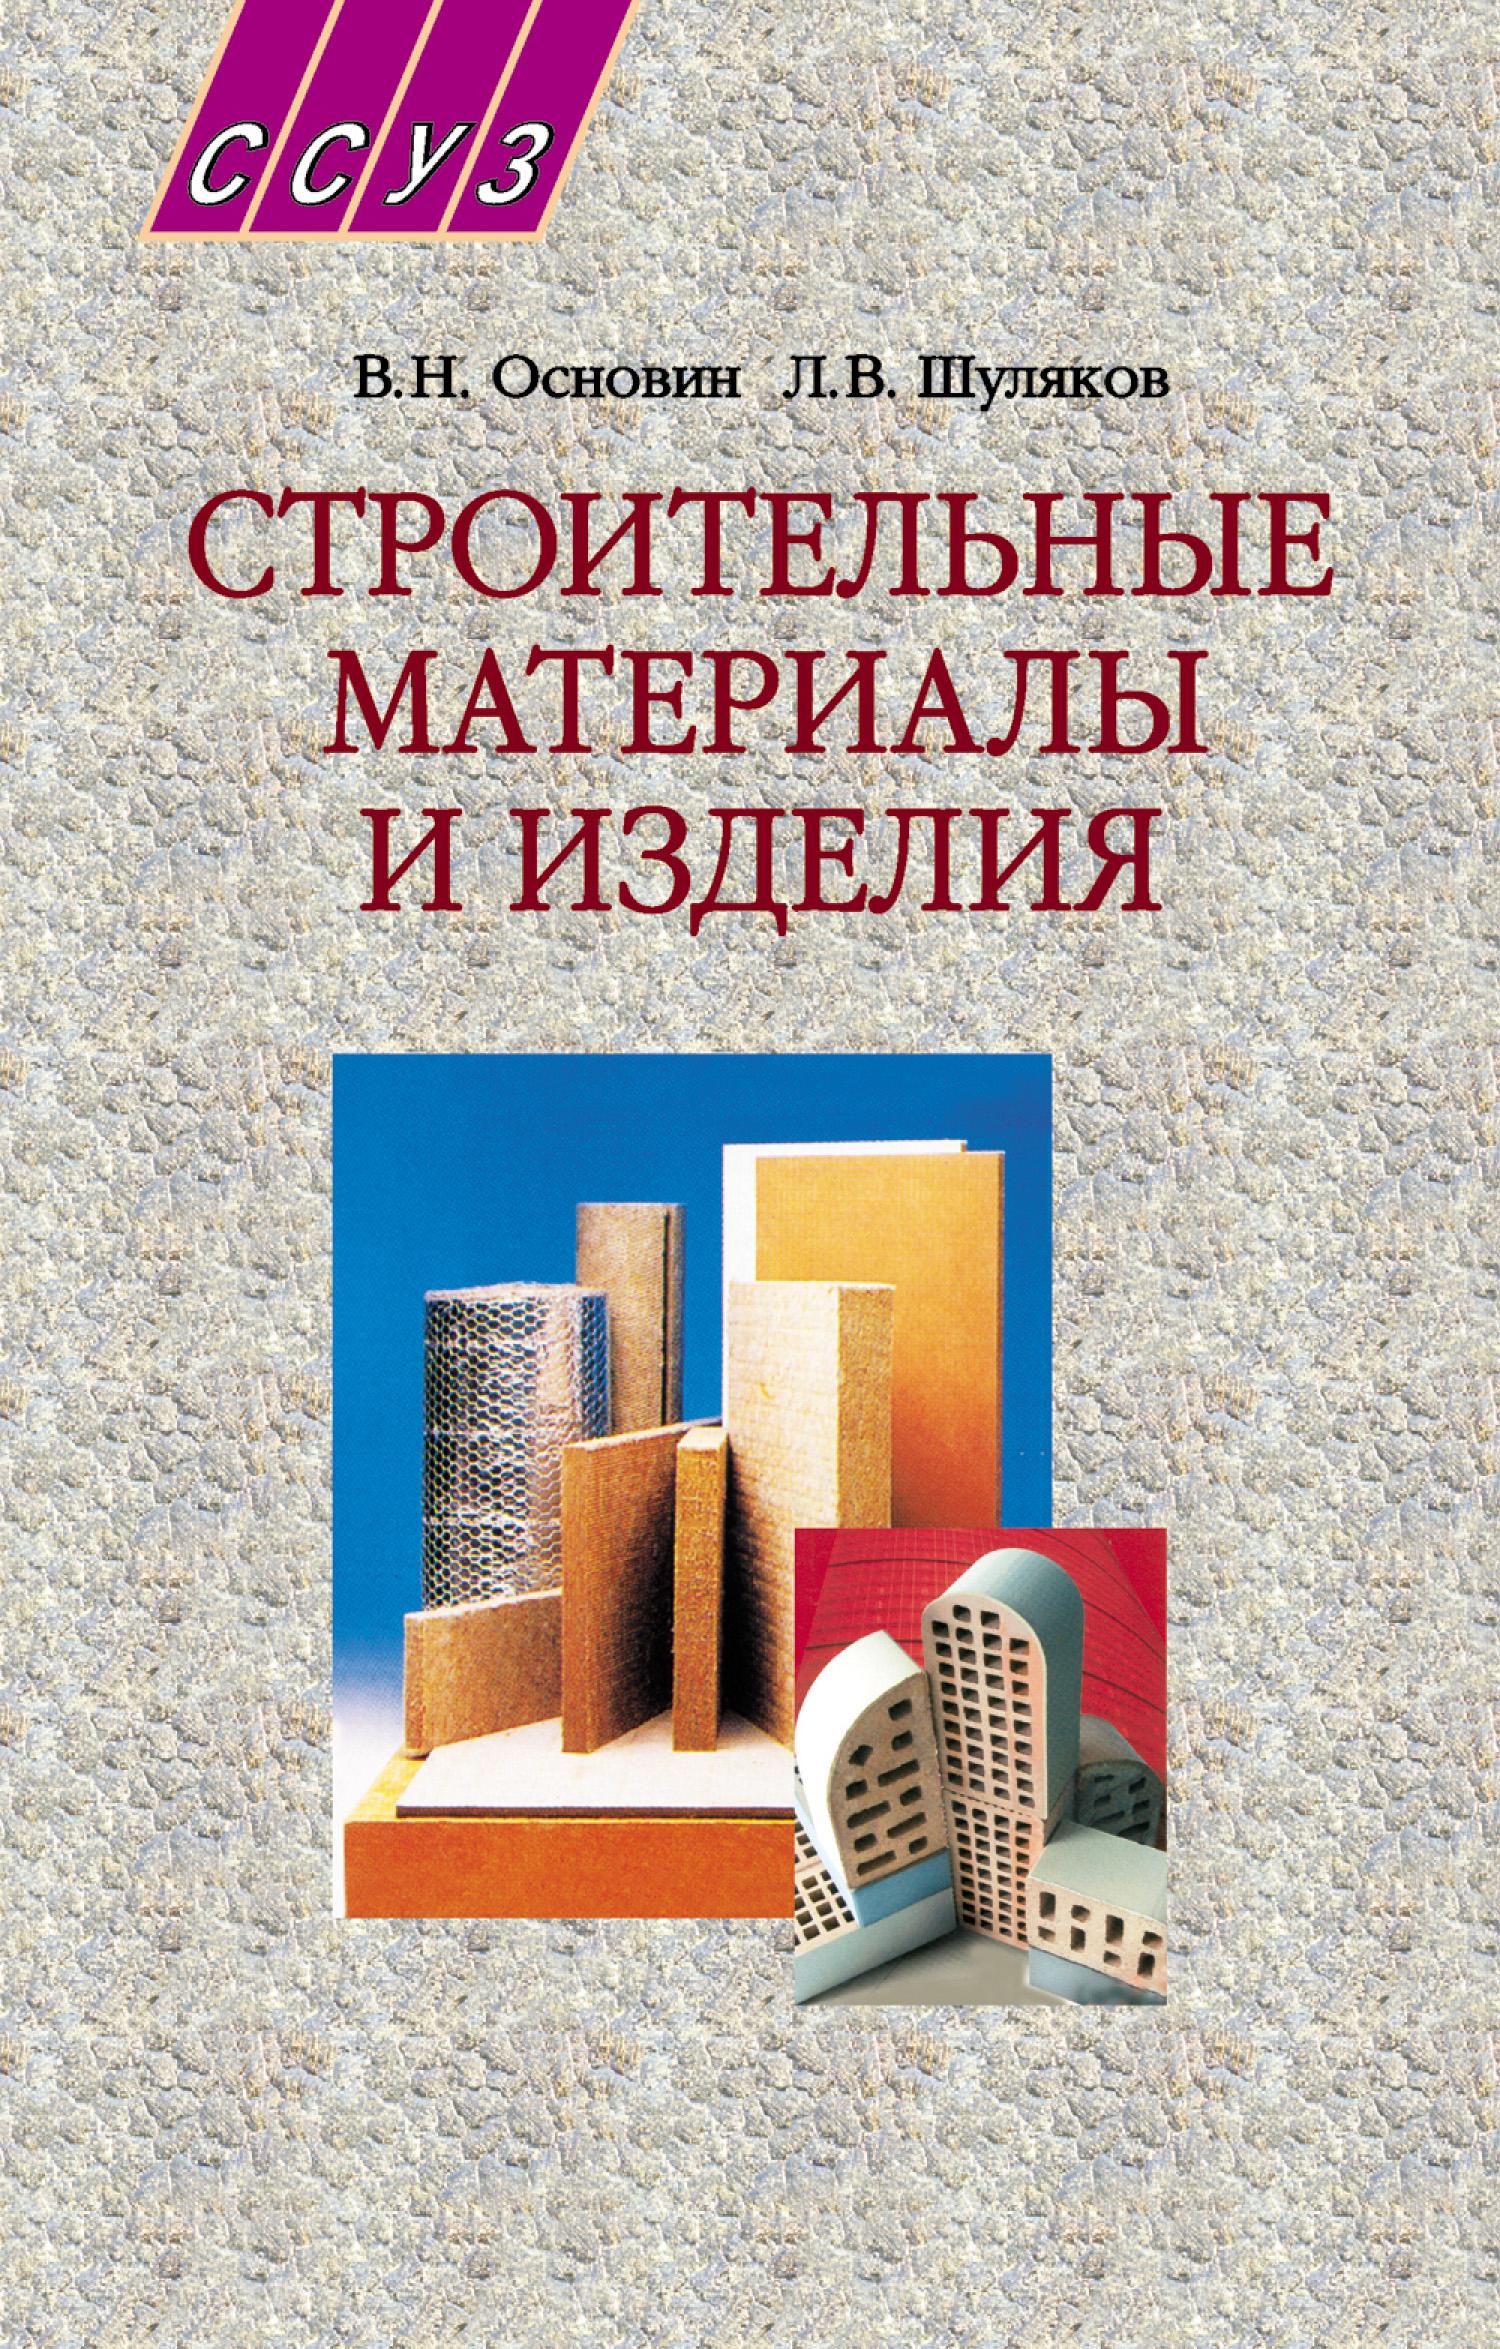 Л. В. Шуляков Строительные материалы и изделия. Учебное пособие материалы для изготовления сборных моделей hasegawa 1 350 72135